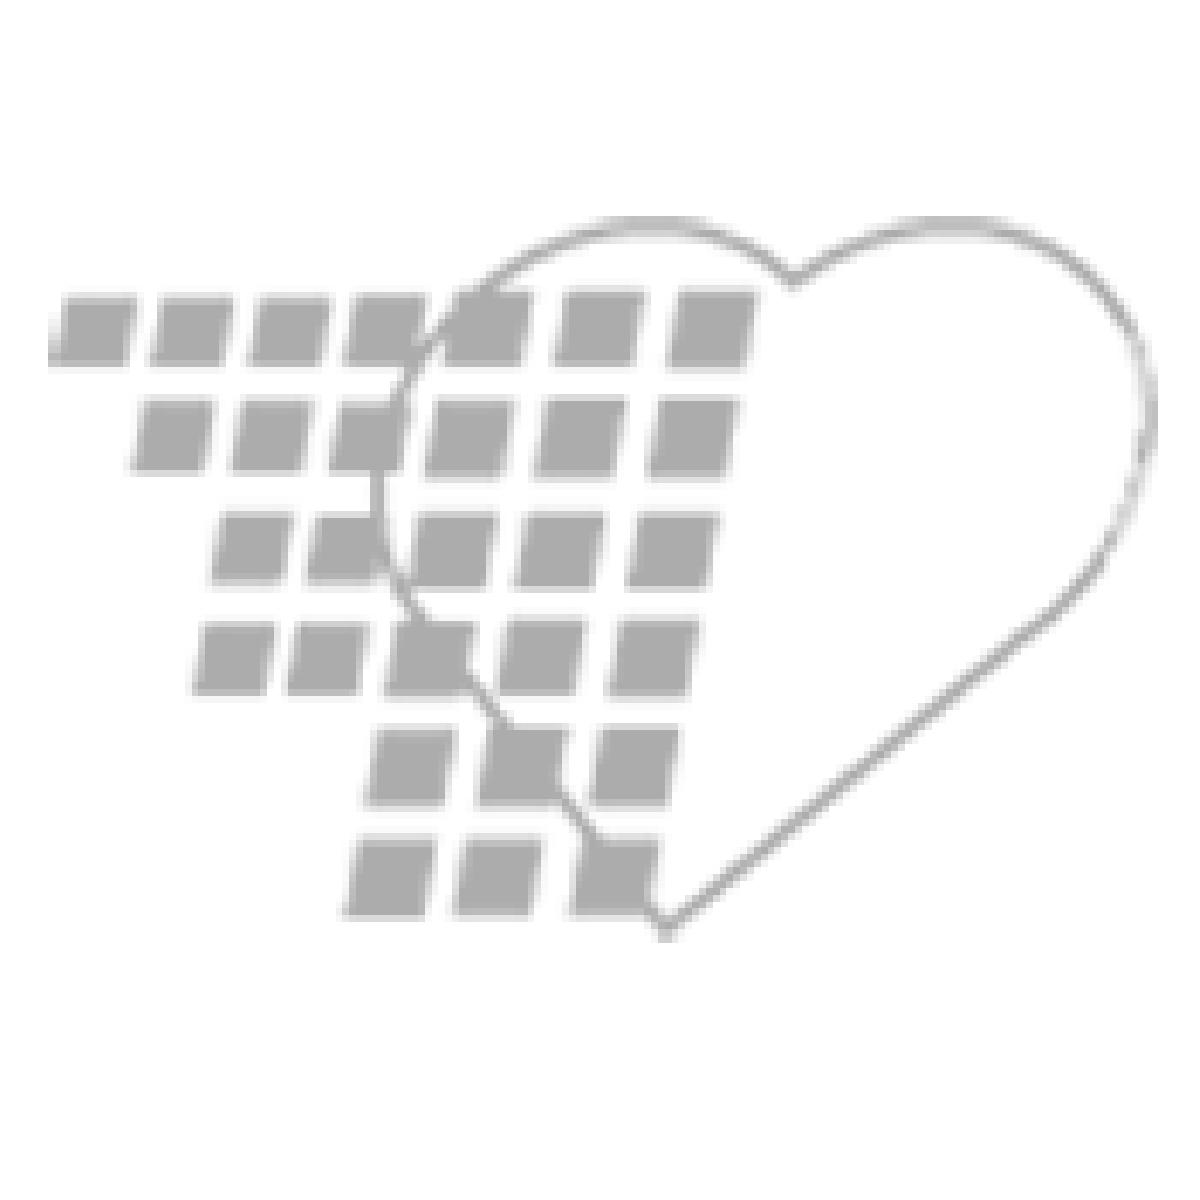 06-93-6030 - Demo Dose® Albumn Humn 25 25g 100ml